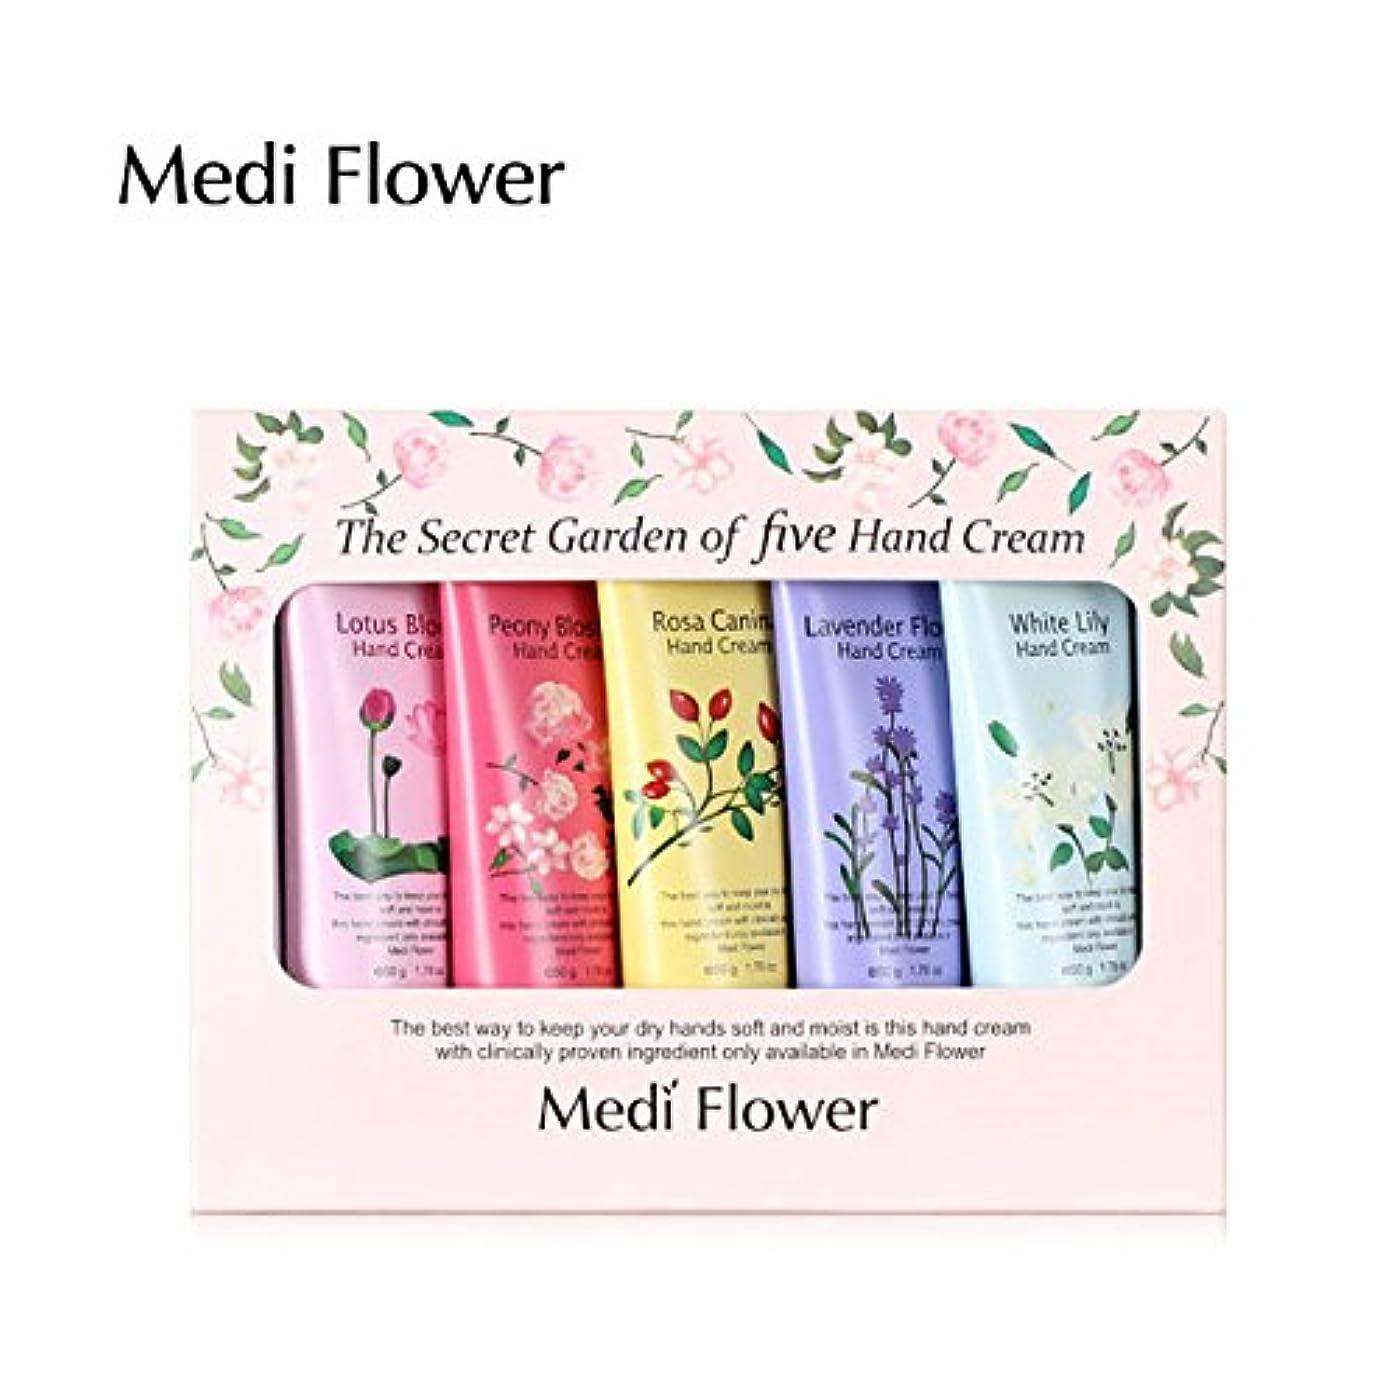 抜け目がない直面するベッドを作る[MediFlower] ザ?シークレットガーデン?ハンドクリームセット(50g x 5個) / The Secret Garden of Five Hand Cream Set